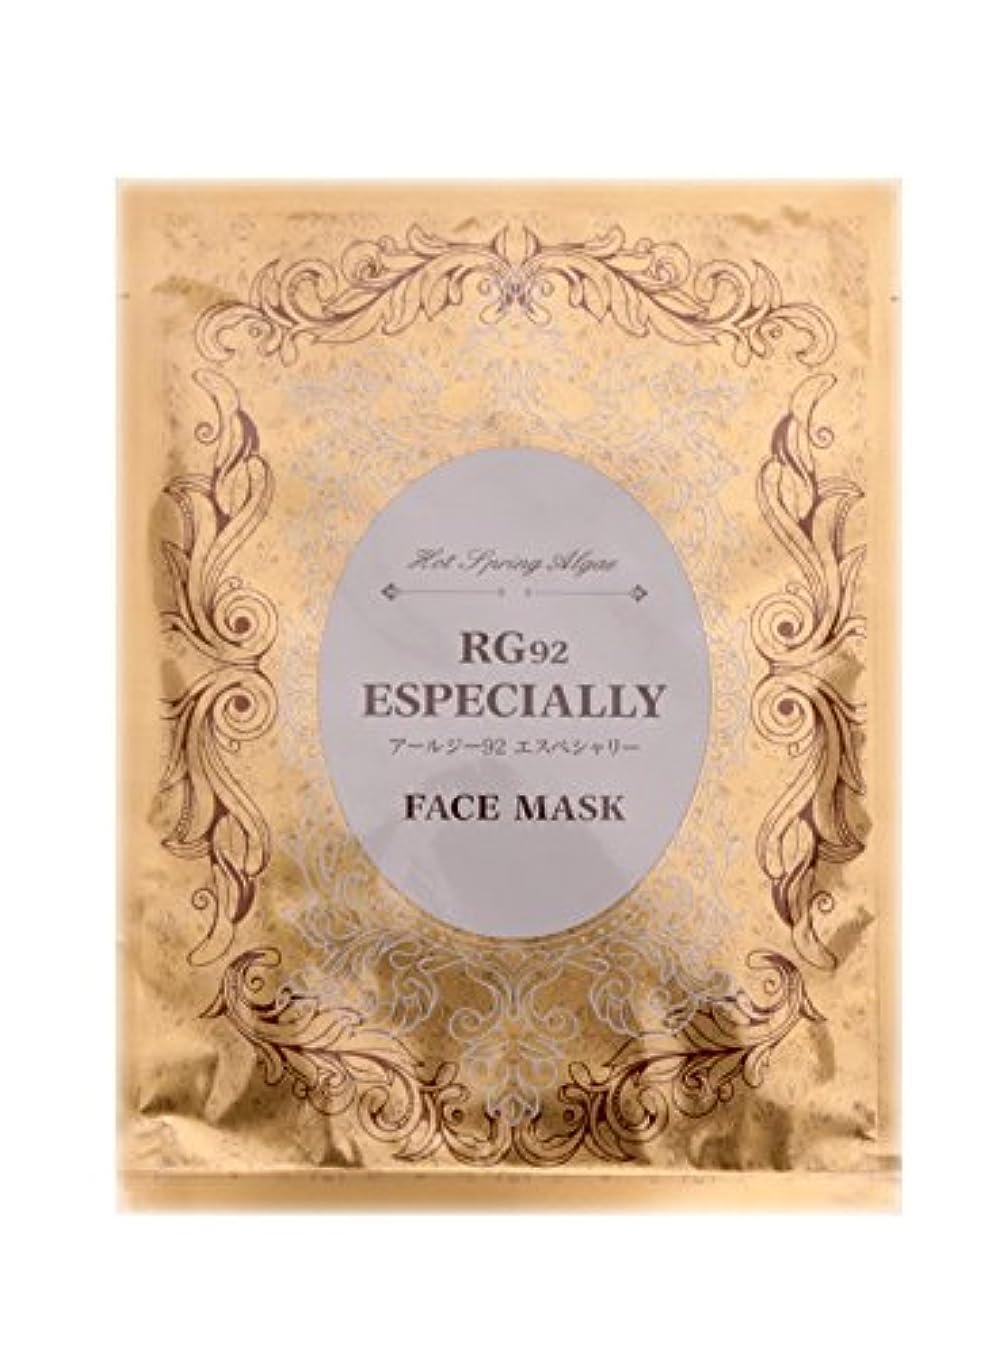 開発するストラップ説明【超敏感肌用】 RG92美容液フェイスマスク 1枚